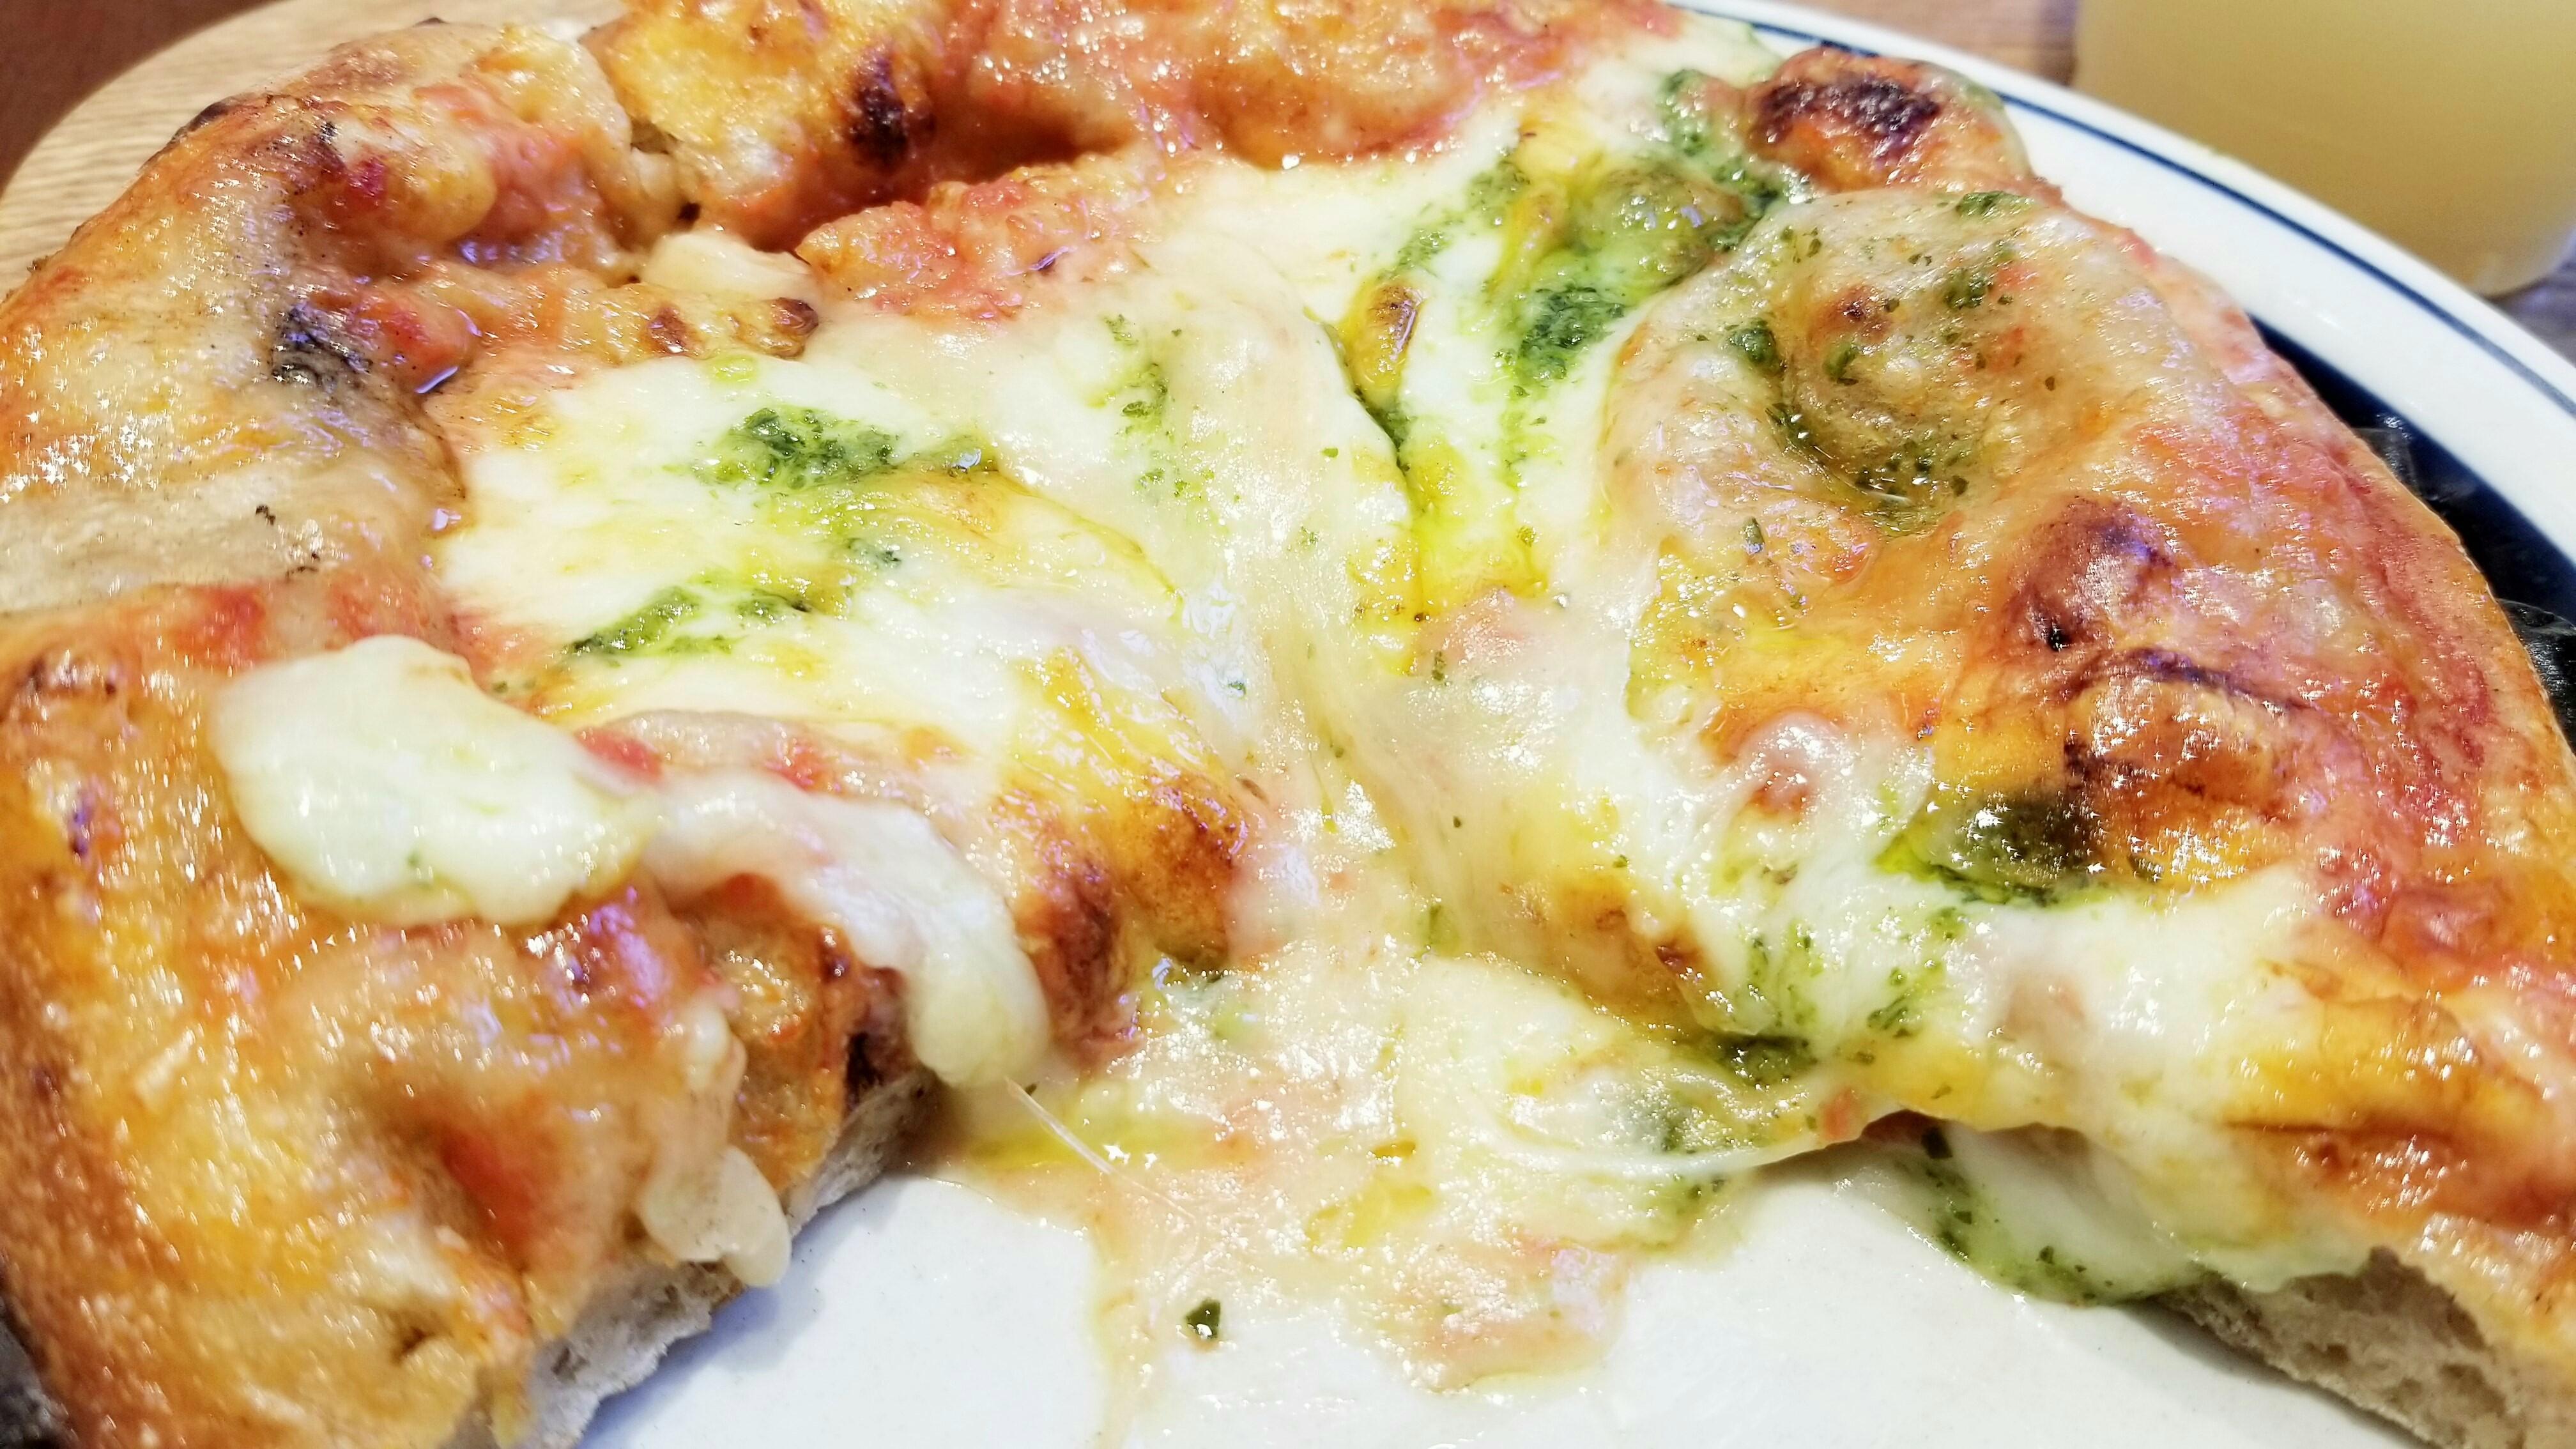 おすすめ自家製酵母パン屋美味しいとろとろチーズピザもちもち生地